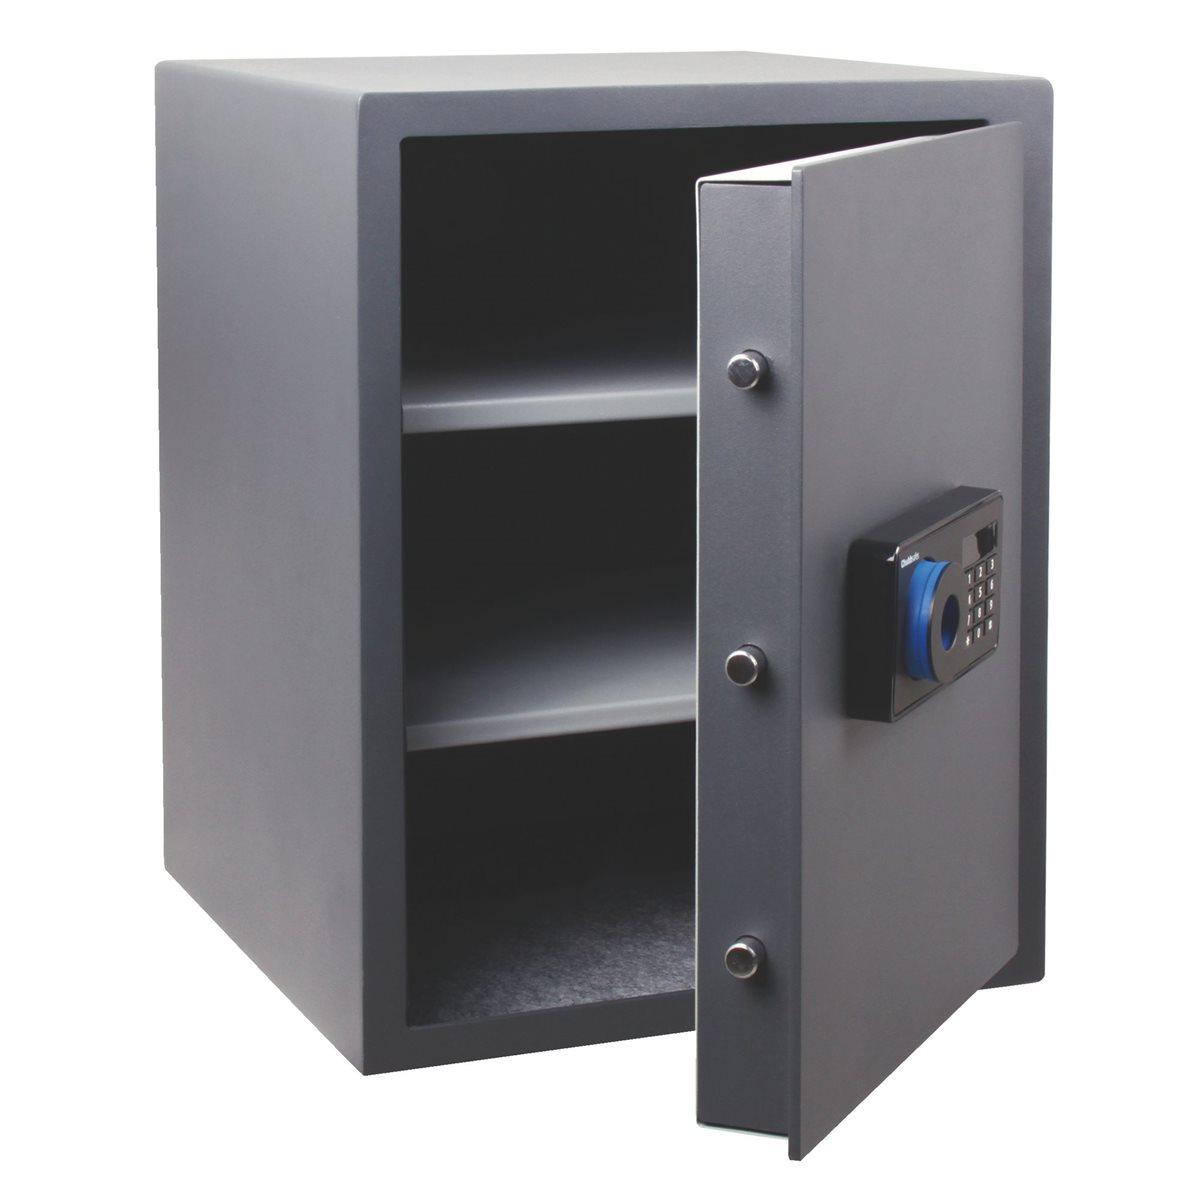 Coffre-Fort de sécurité, serrure électronique, Coffres-forts de sécurit